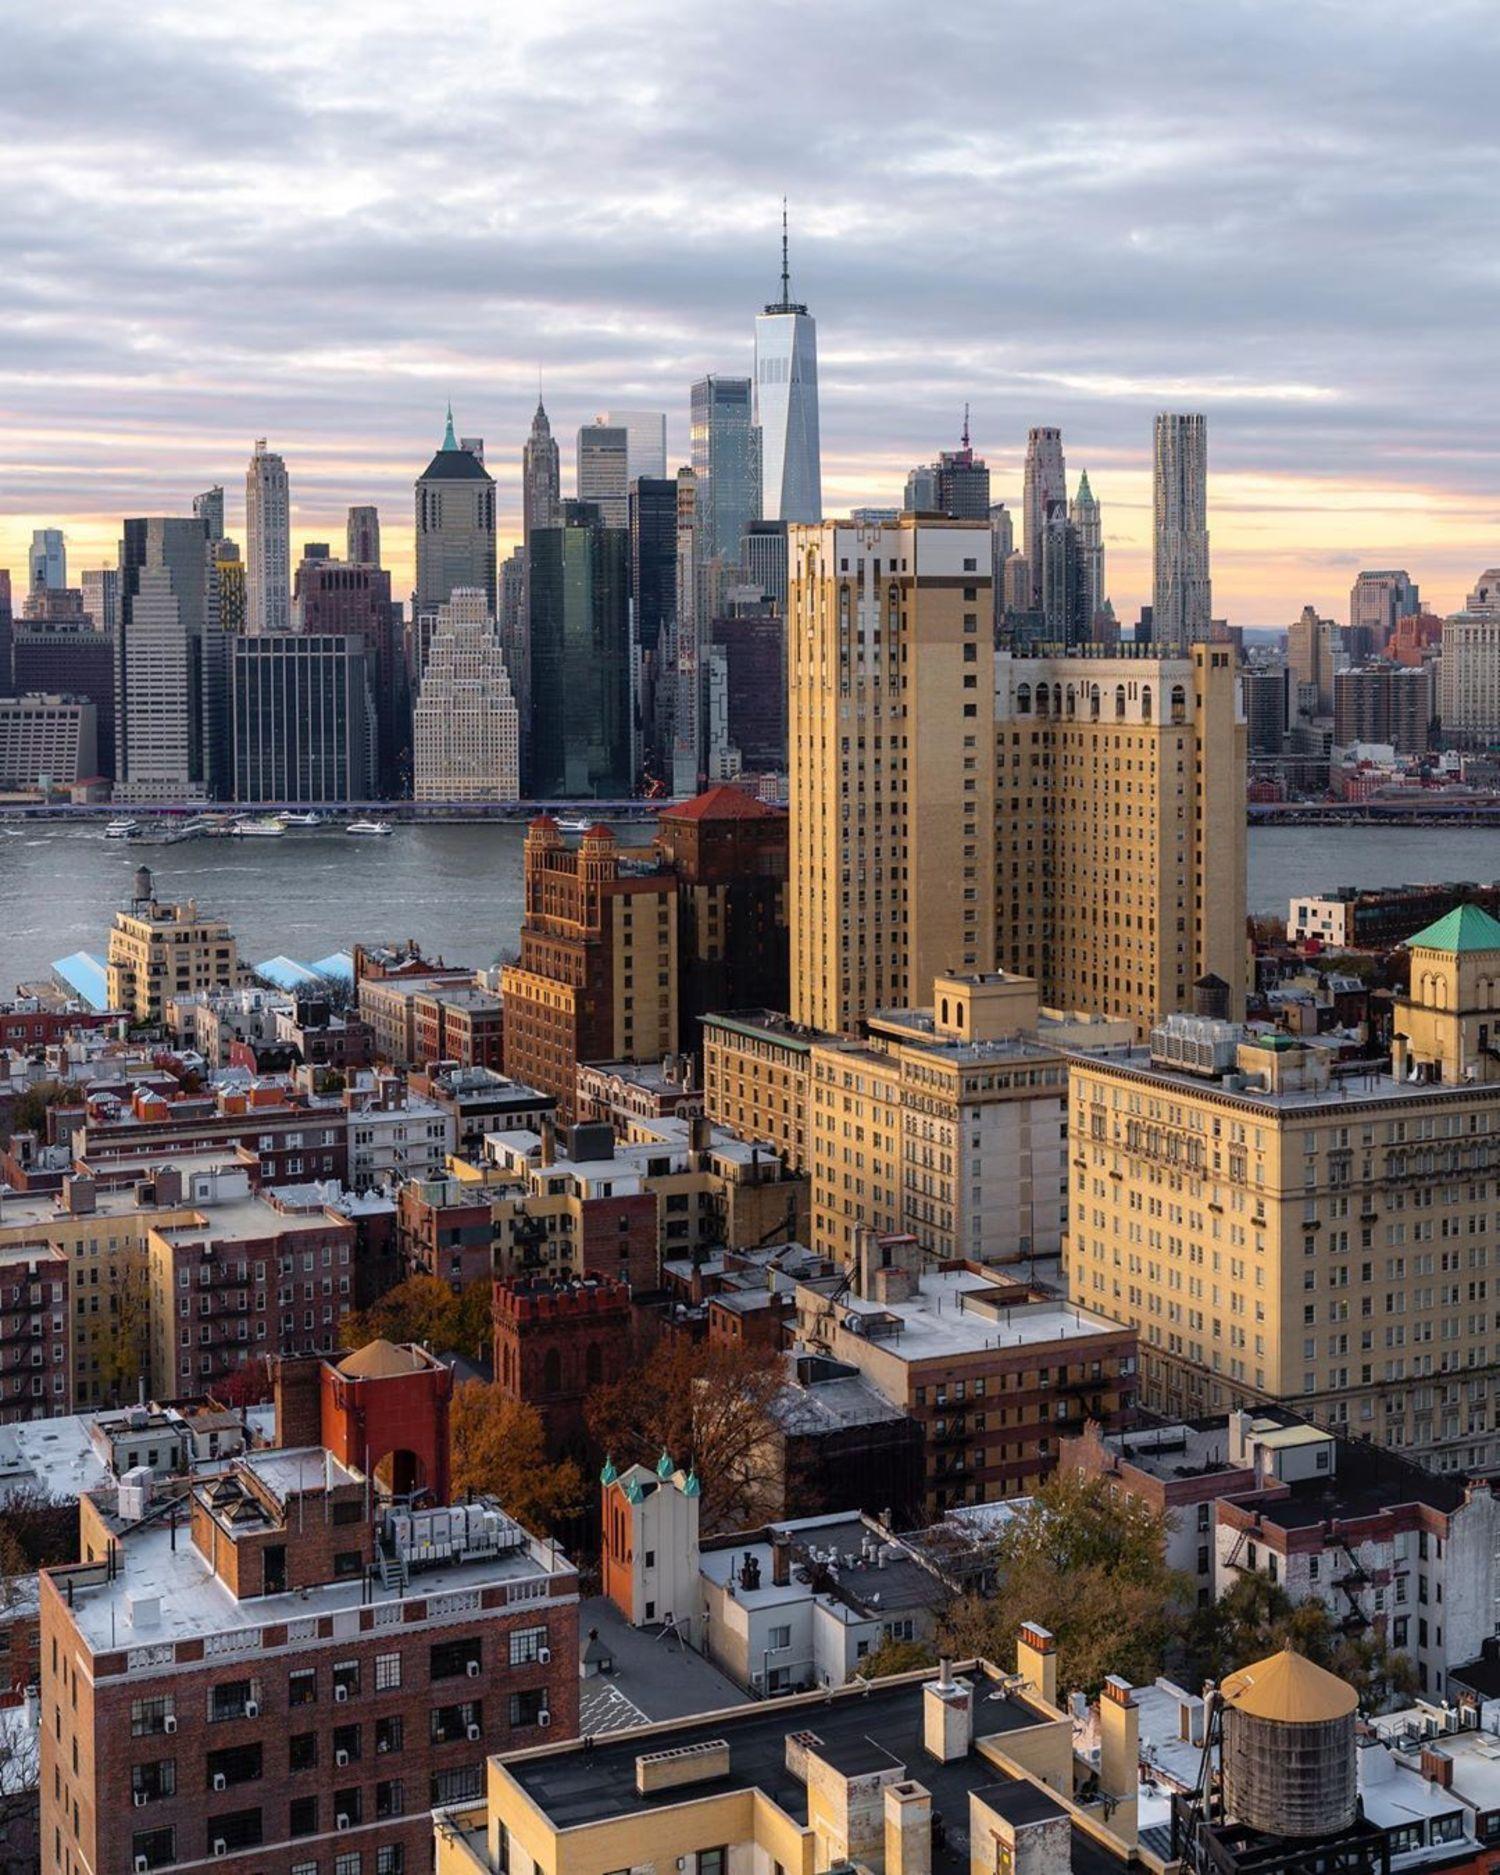 Brooklyn Heights, Brooklyn